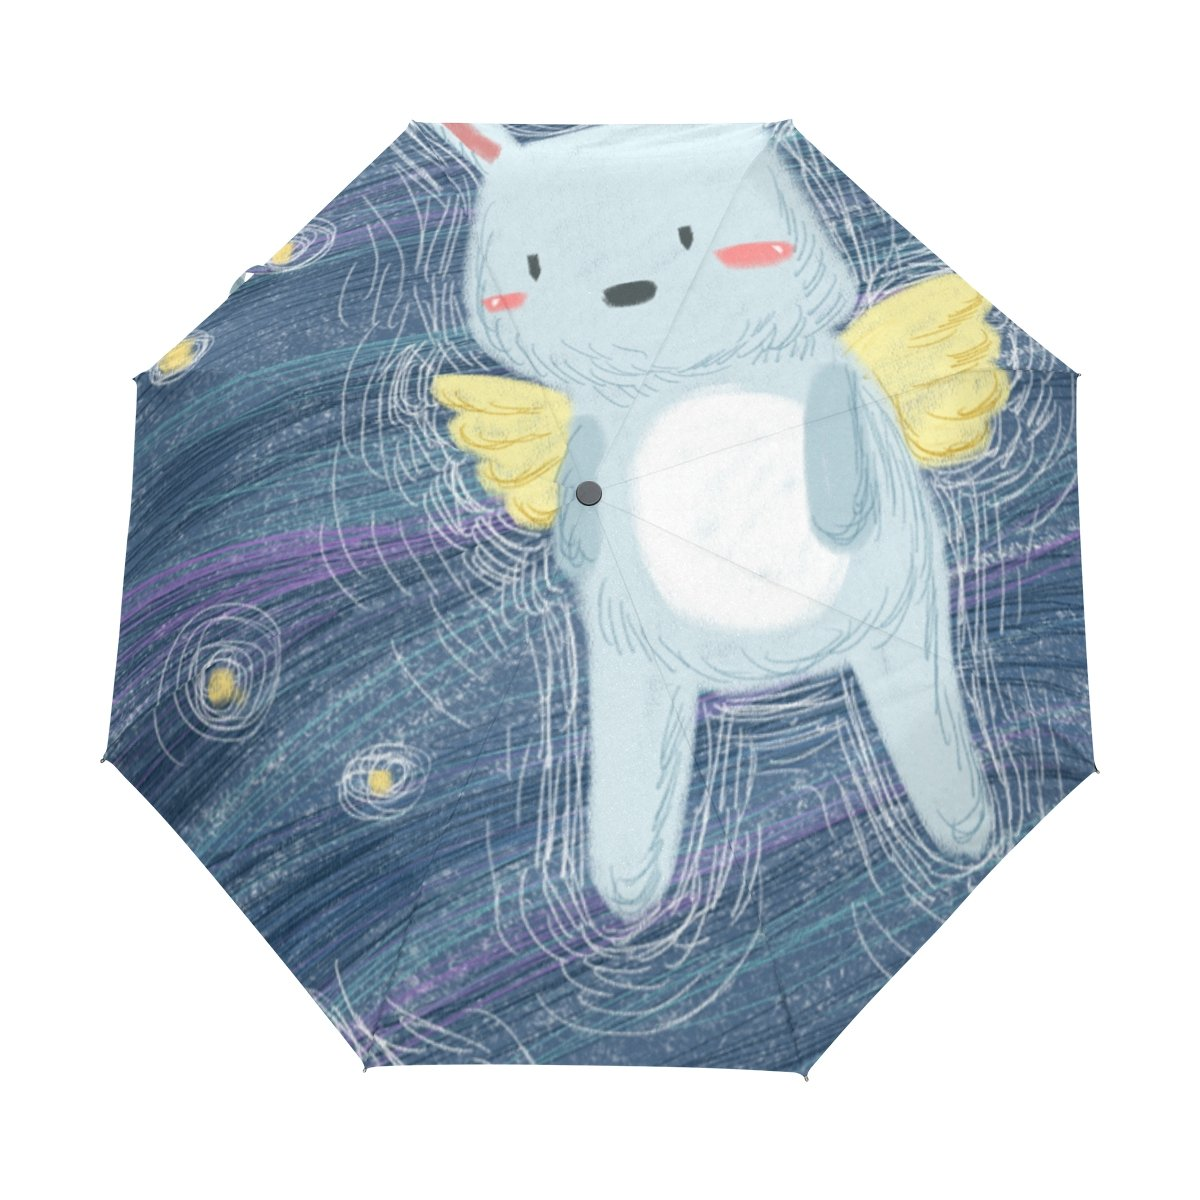 Senya Saobao自動開いて閉じFoldingウサギブルー背景で防風と防雨トラベル傘ポータブル折りたたみ式太陽雨傘 B07FFT6M19